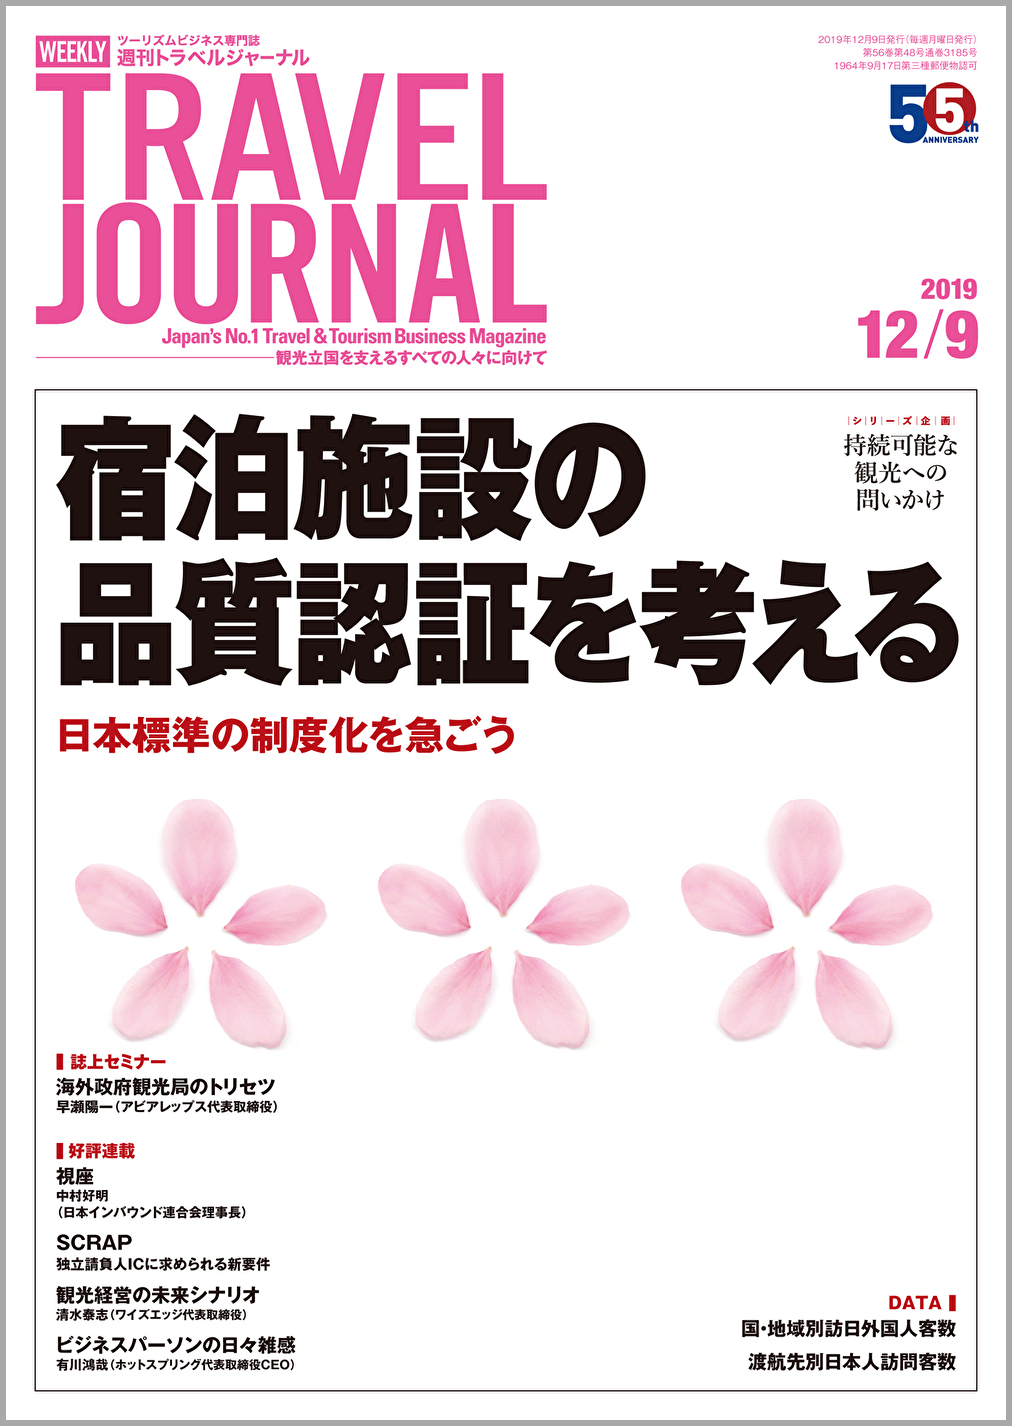 2019年12月9日号>宿泊施設の品質認証を考える 日本標準の制度化を急ごう